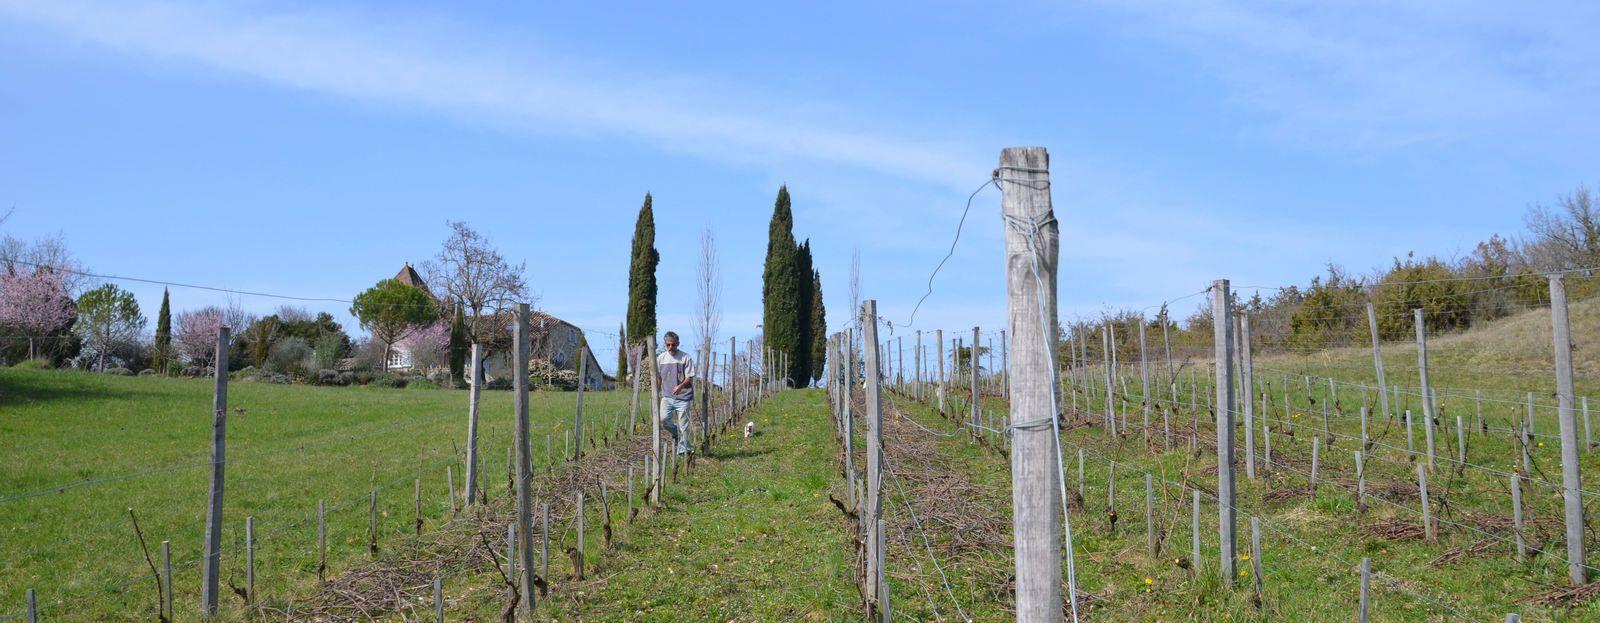 Domaine Les Cyprès - le vignoble